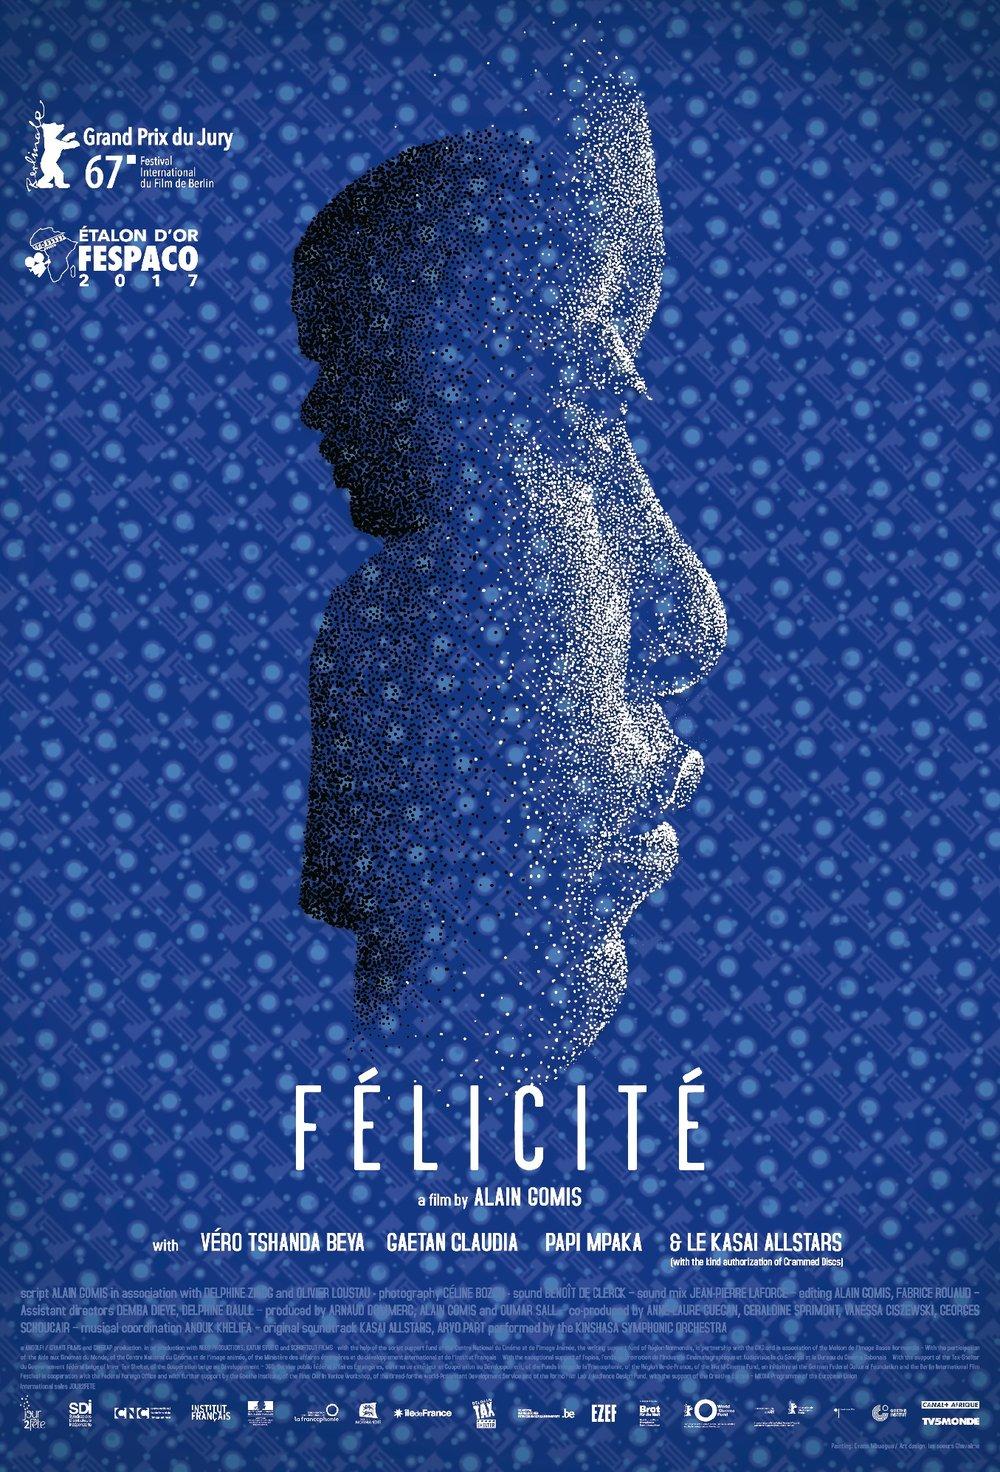 Felicte_4_Poster.jpg